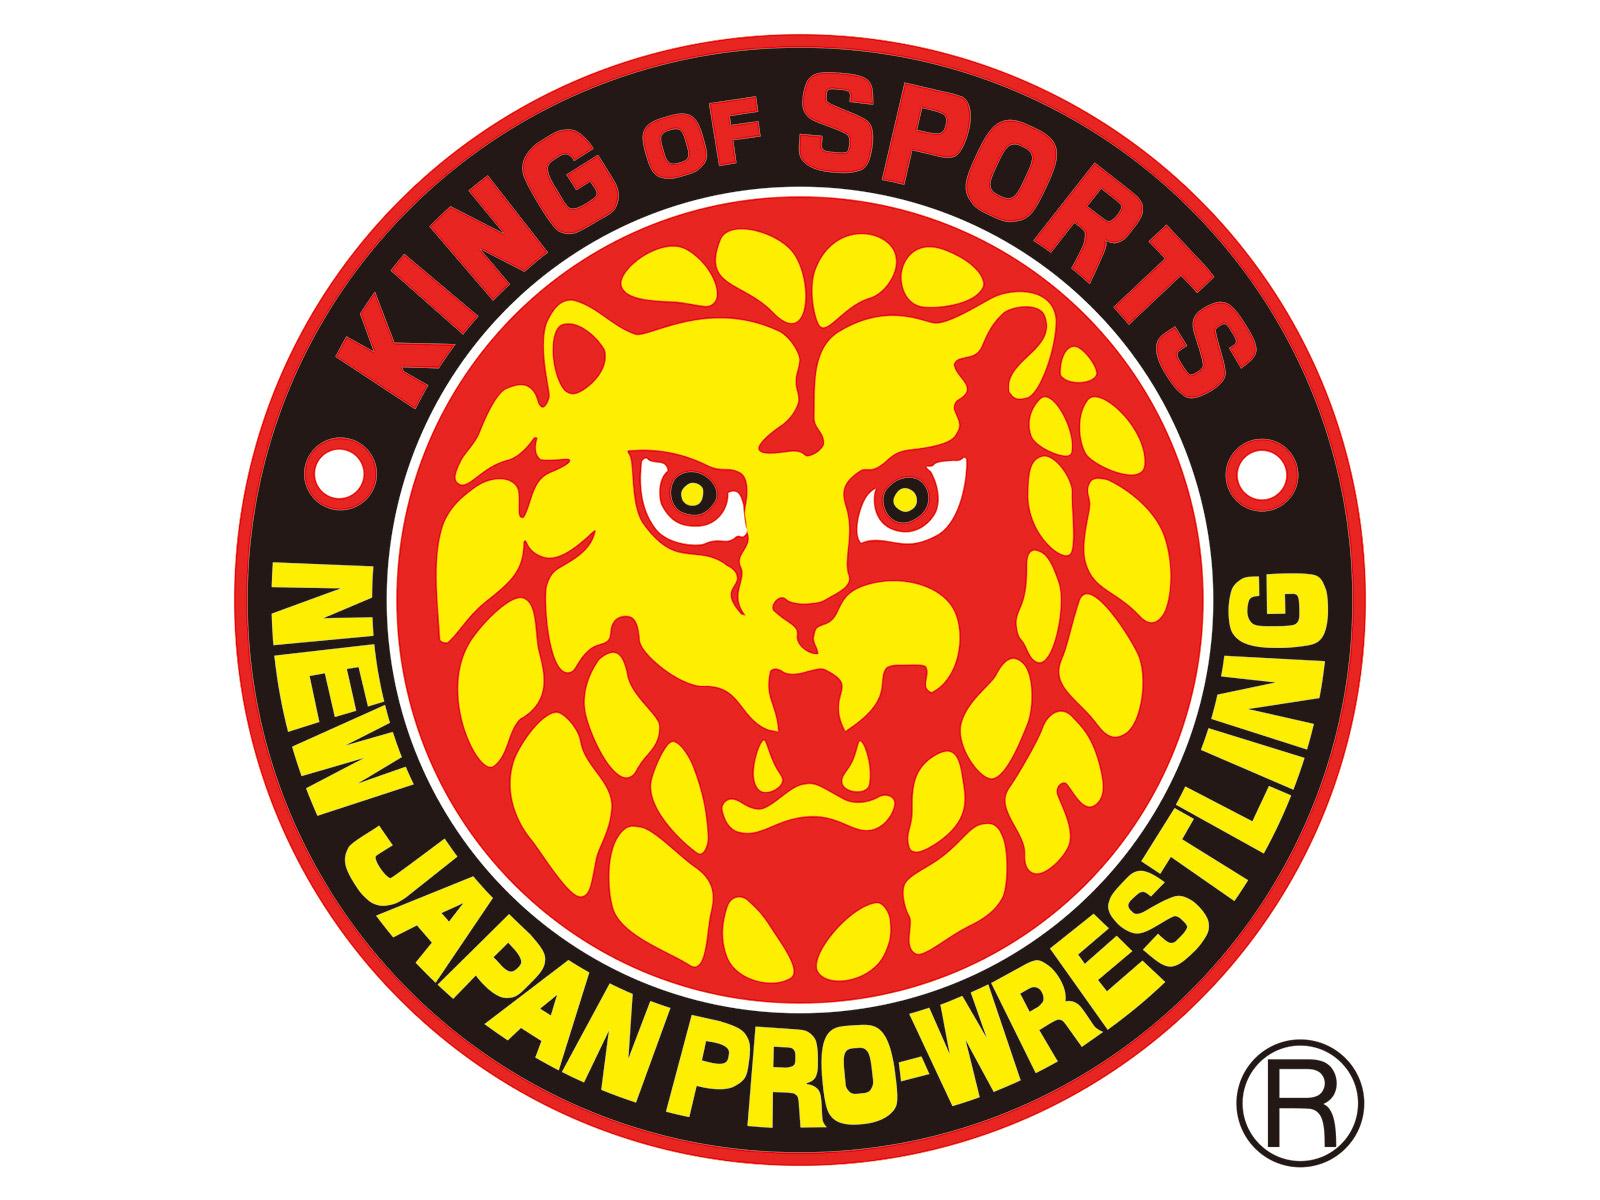 新日本プロレスのロゴマーク